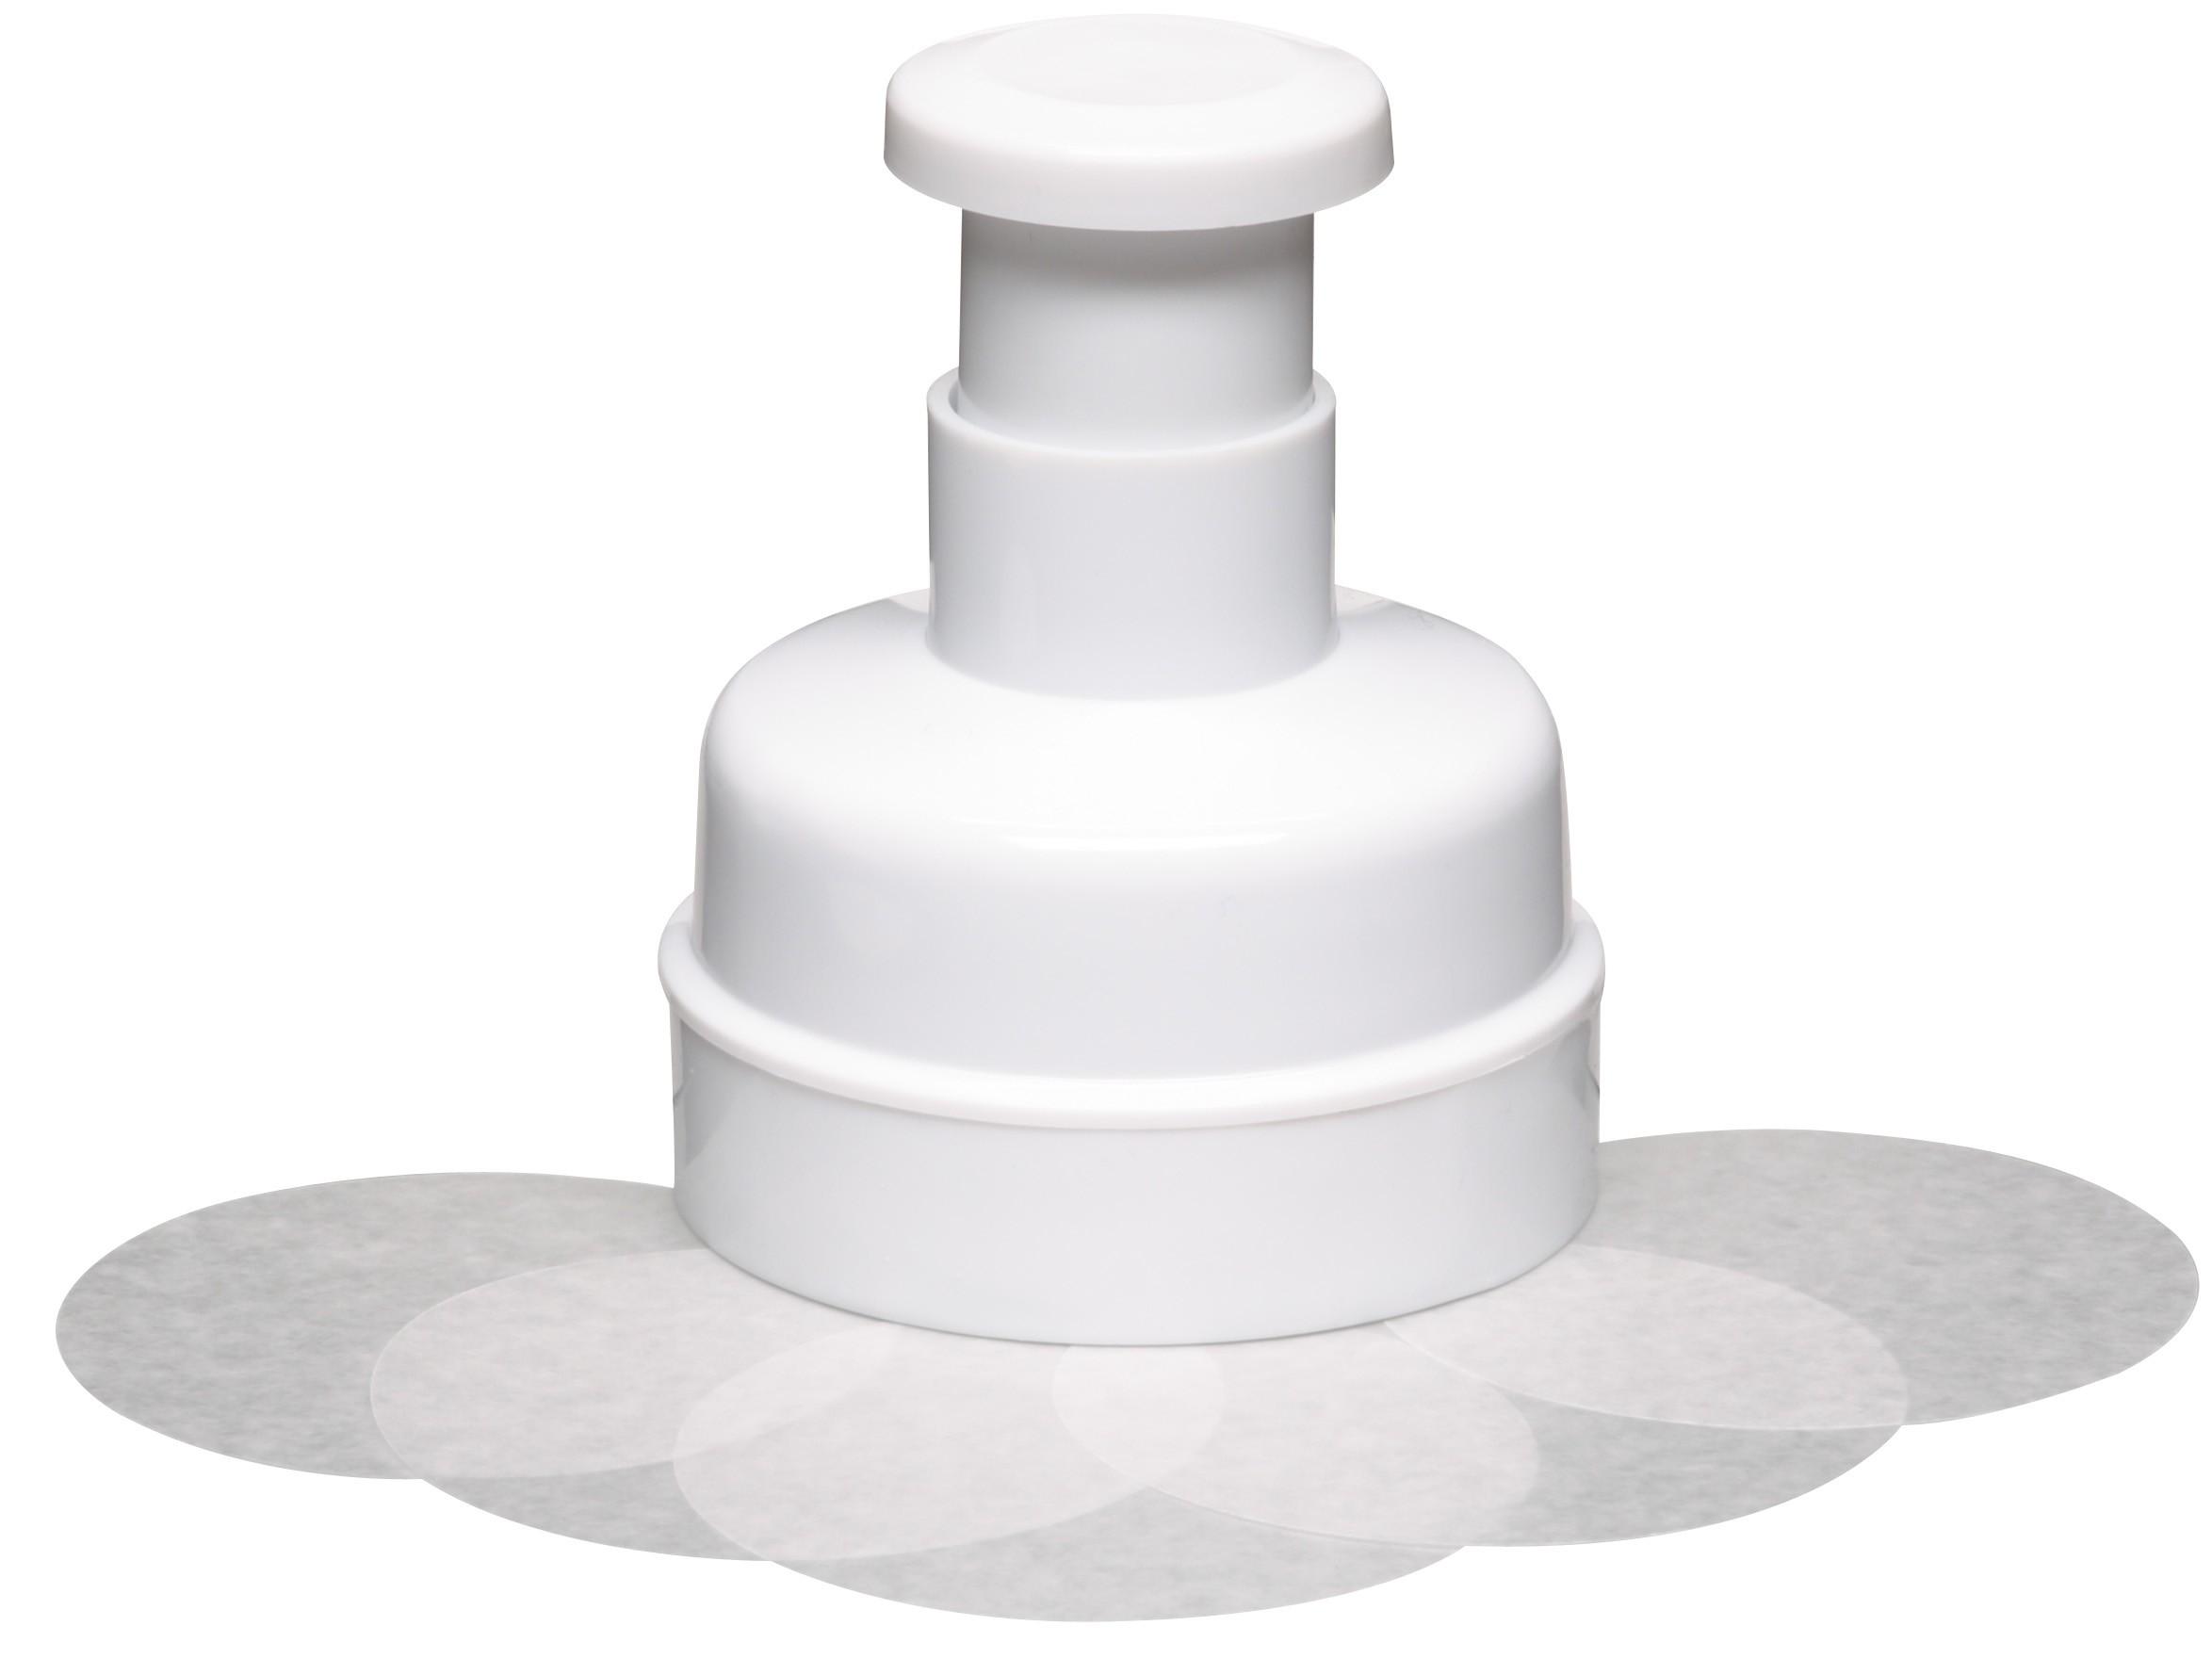 Φόρμα Για Μπιφτέκια Πλαστική kitchencraft home   εργαλεια κουζινας   εργαλεία μαγειρικής